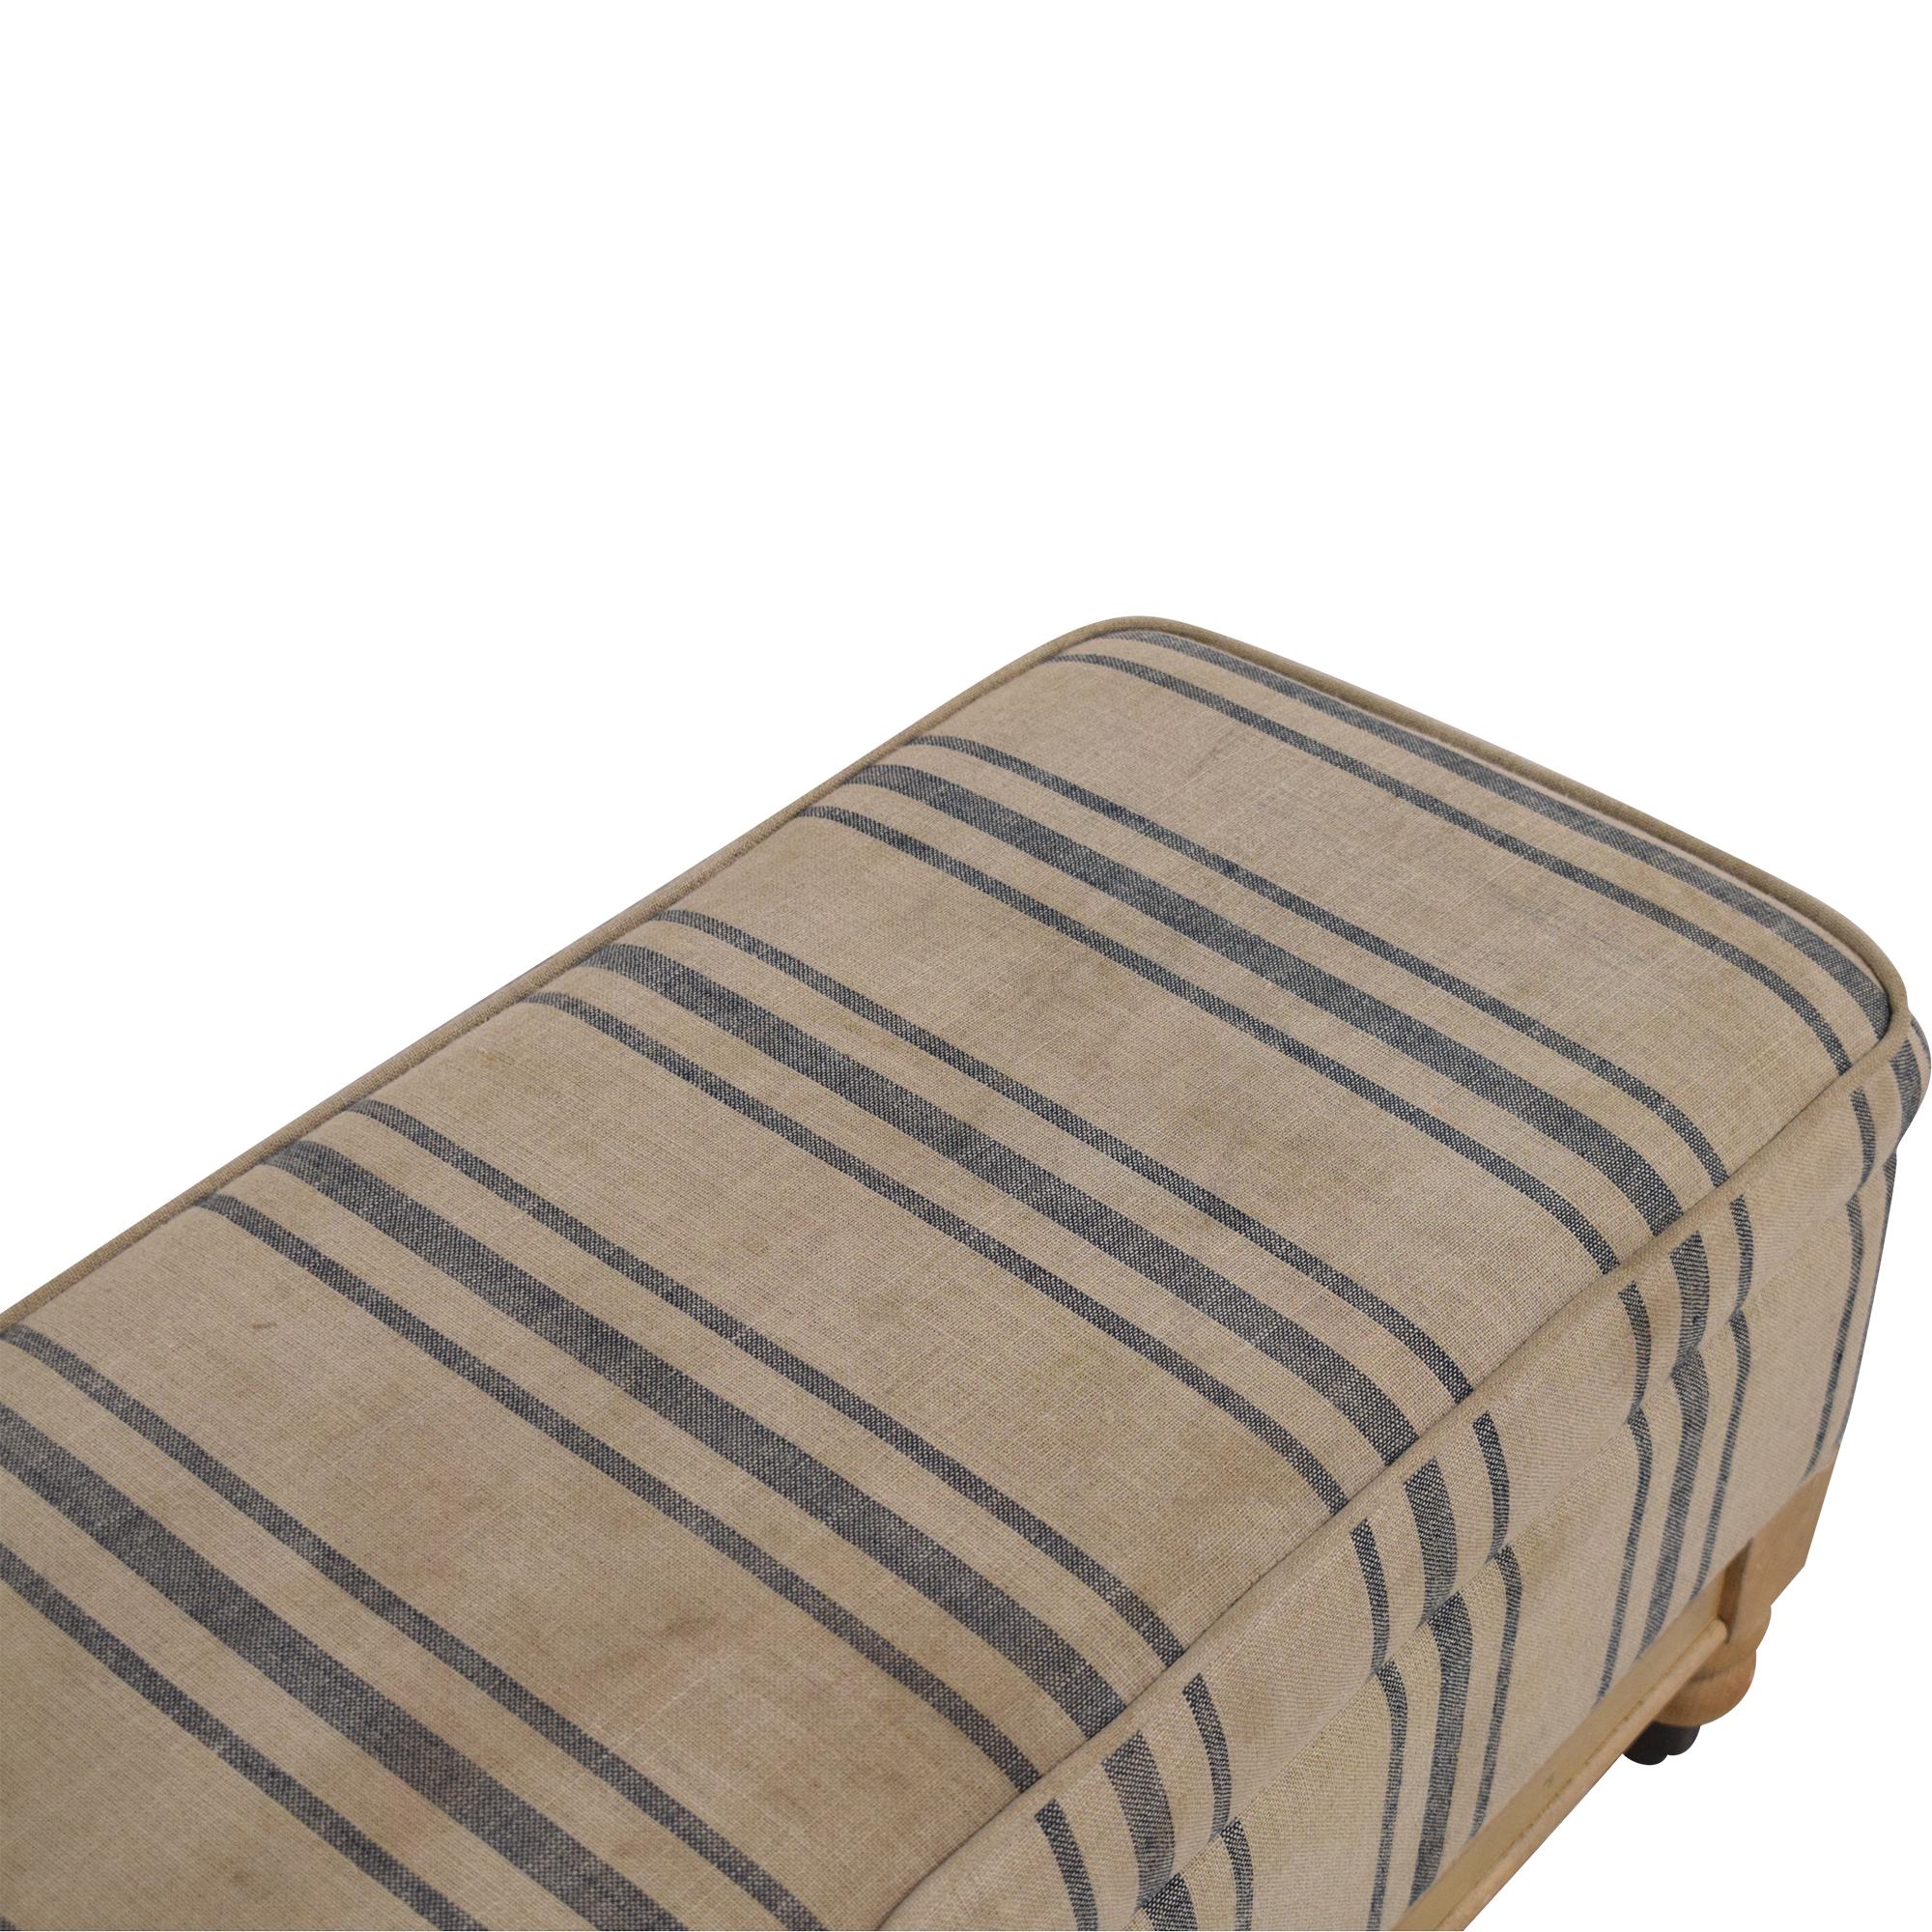 TJ Maxx Tj Maxx Steven Rhodes Padded Storage Bench ma